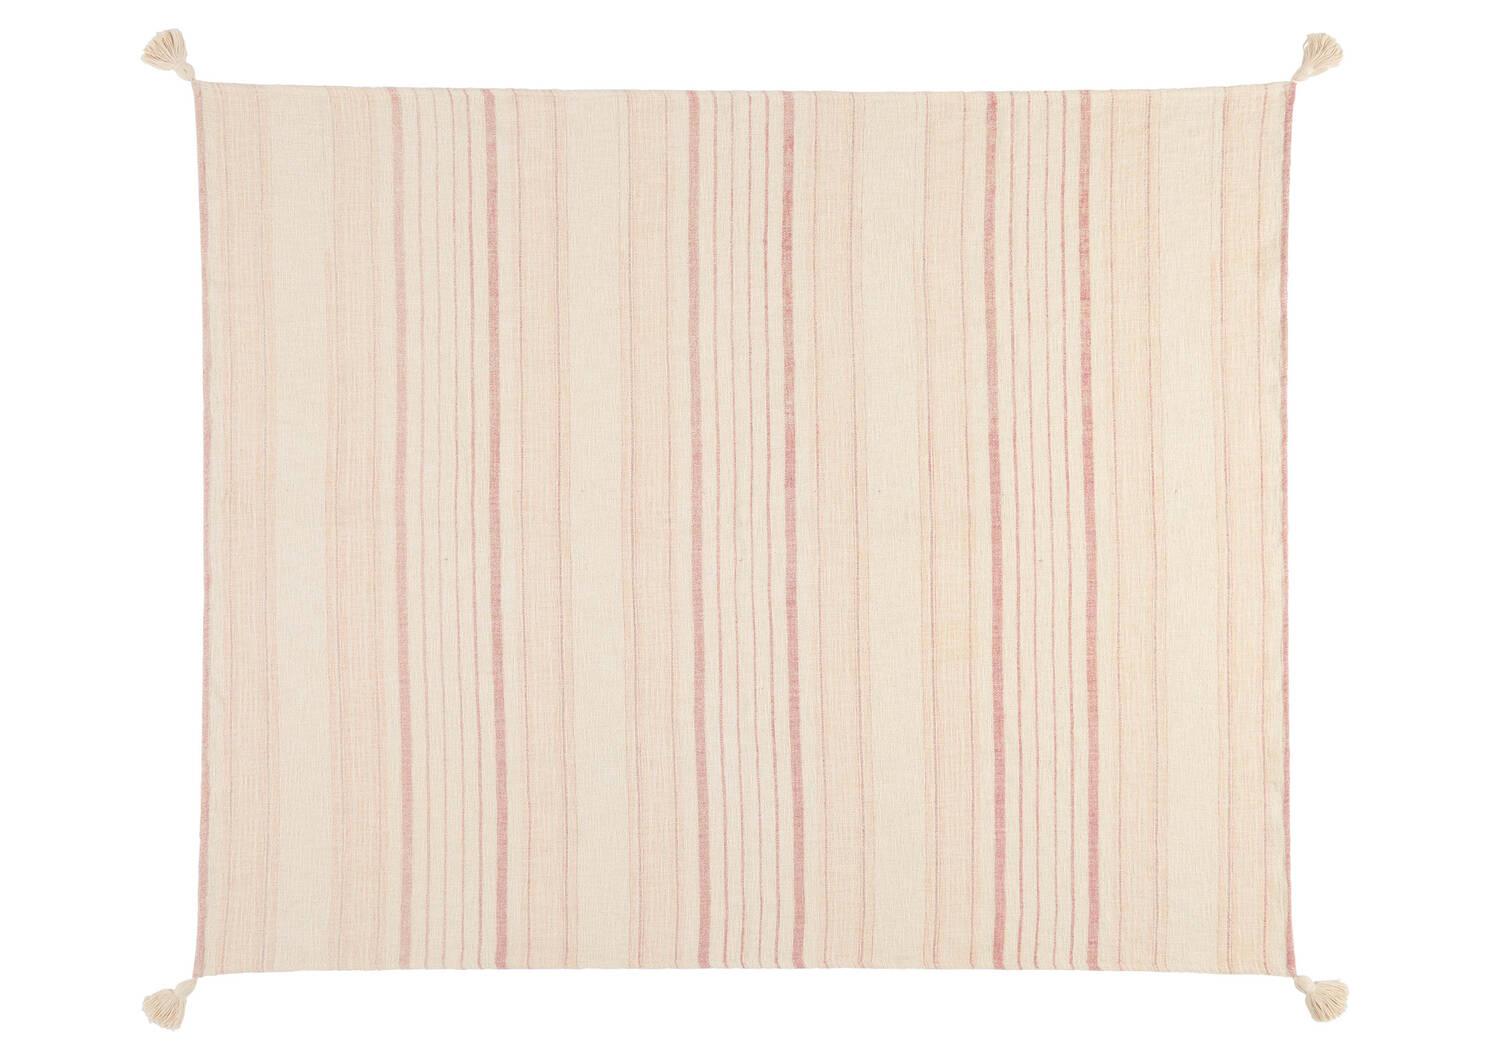 Artesia Stripe Throw Ivory/Terracotta